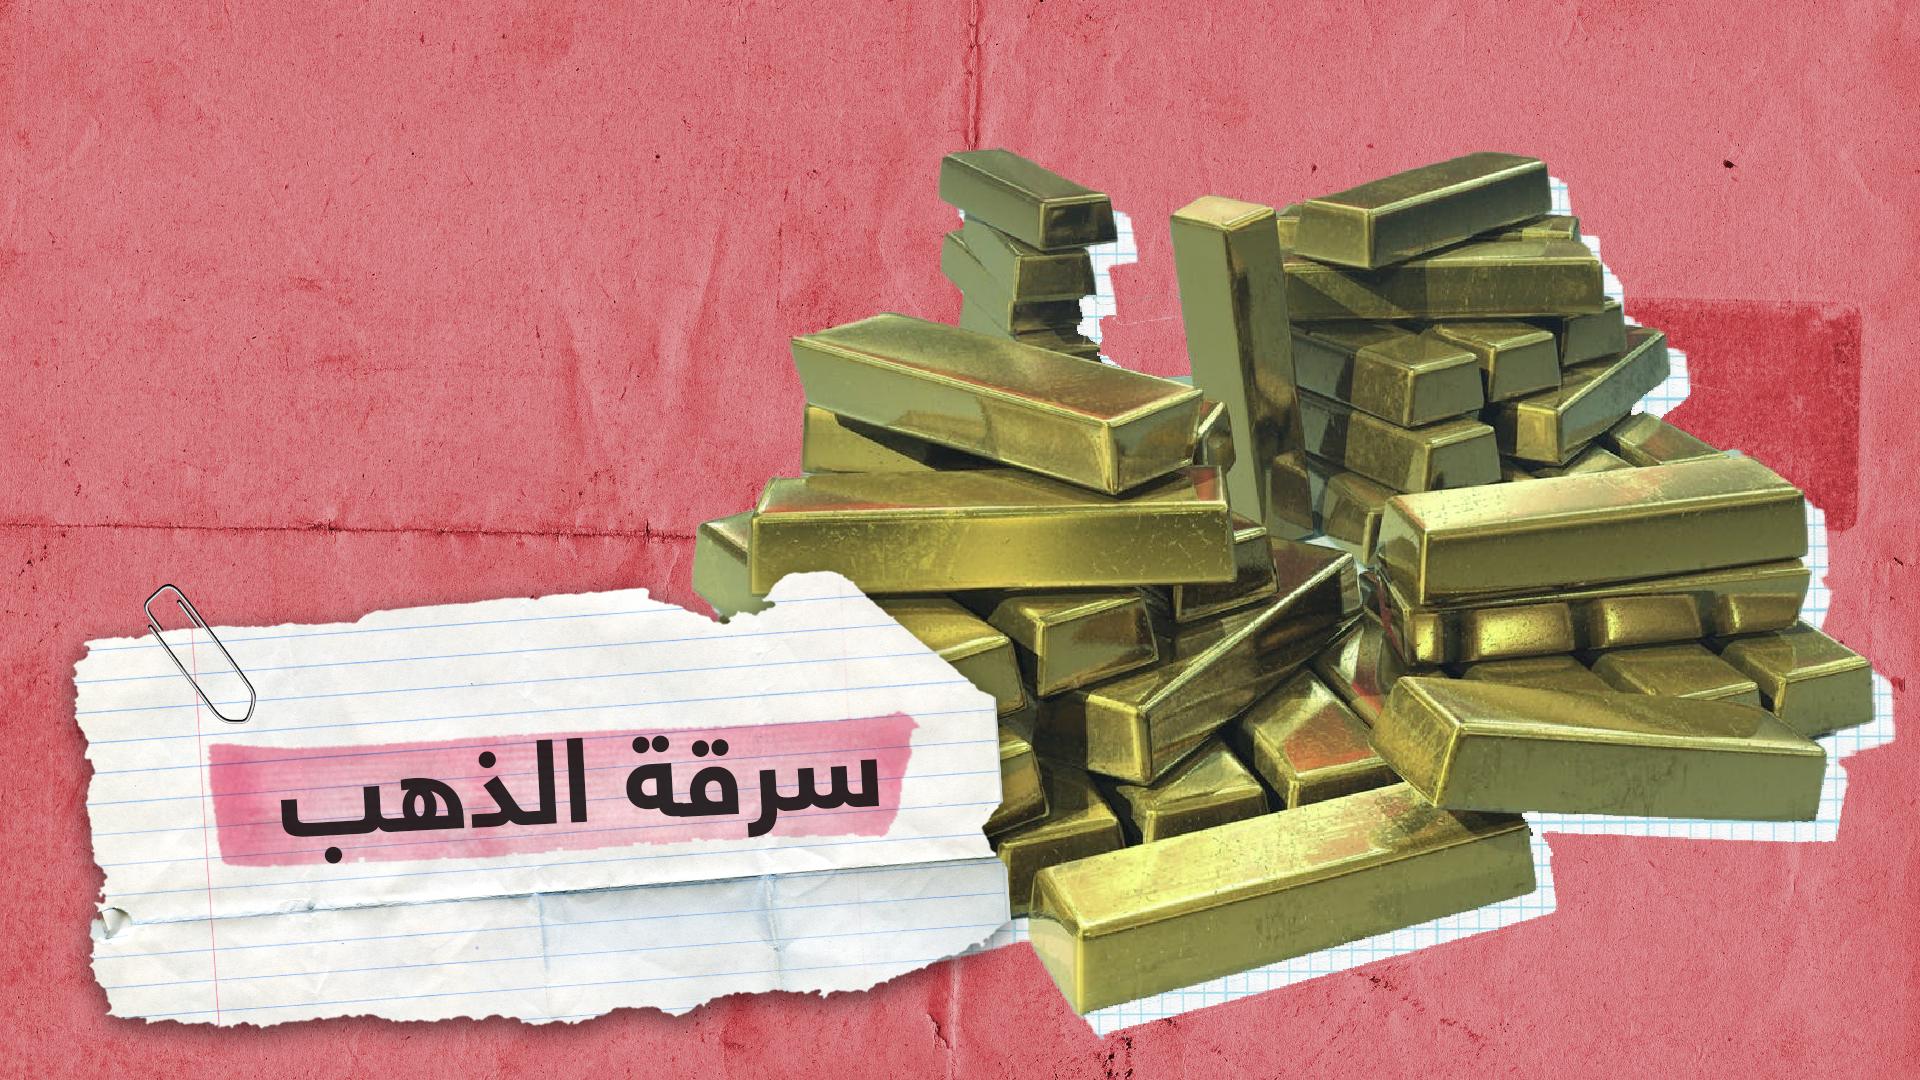 سرقة 750 كيلوغرام من الذهب في مطار برازيلي